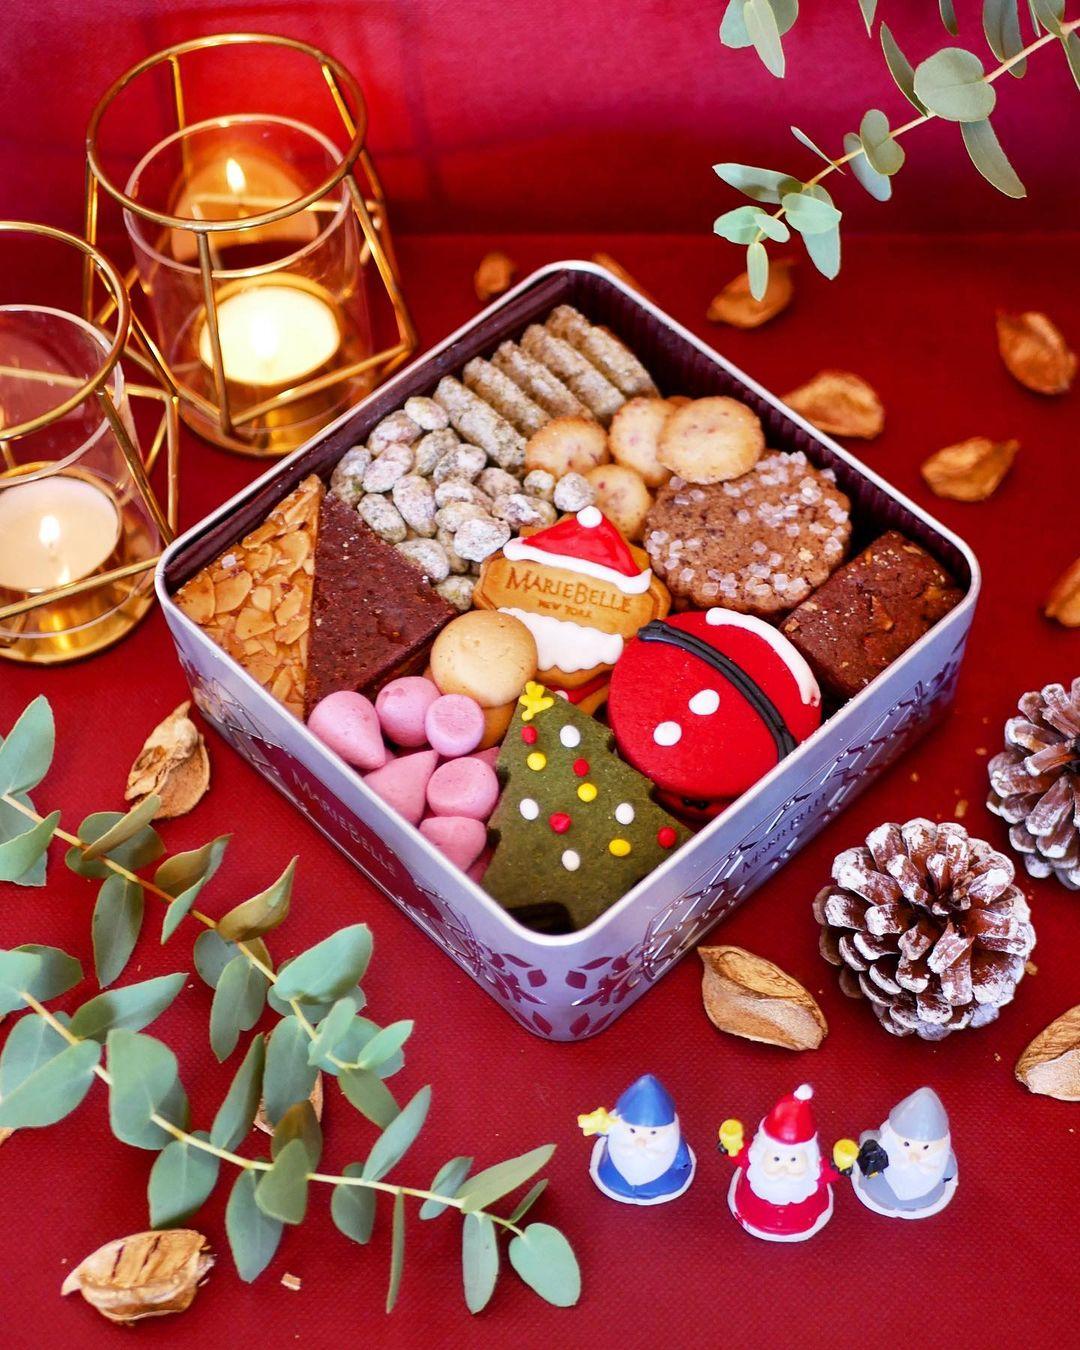 マリベル京都本店のクリスマスクッキー缶「2020年Holiday ワンダートレジャー」